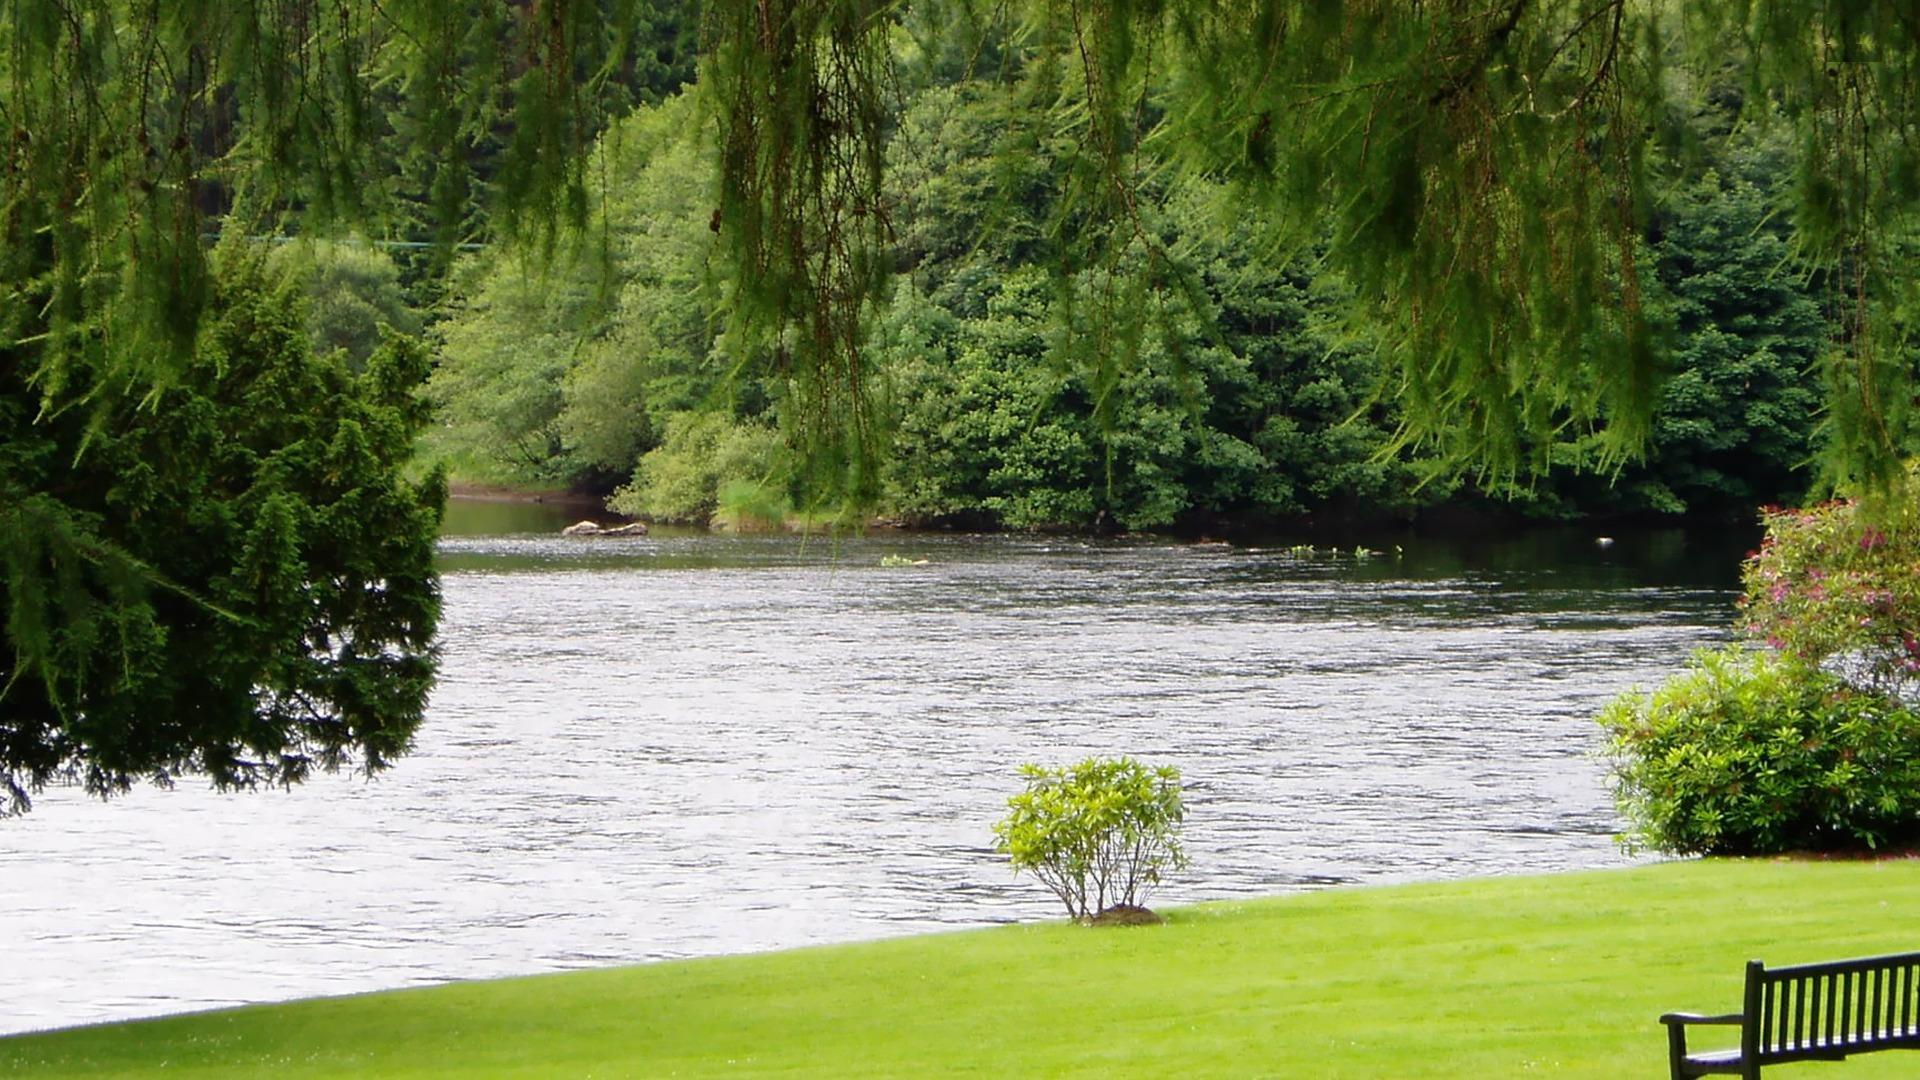 вся национальная фото деревья и река на рабочий стол могу вставить, поэтому